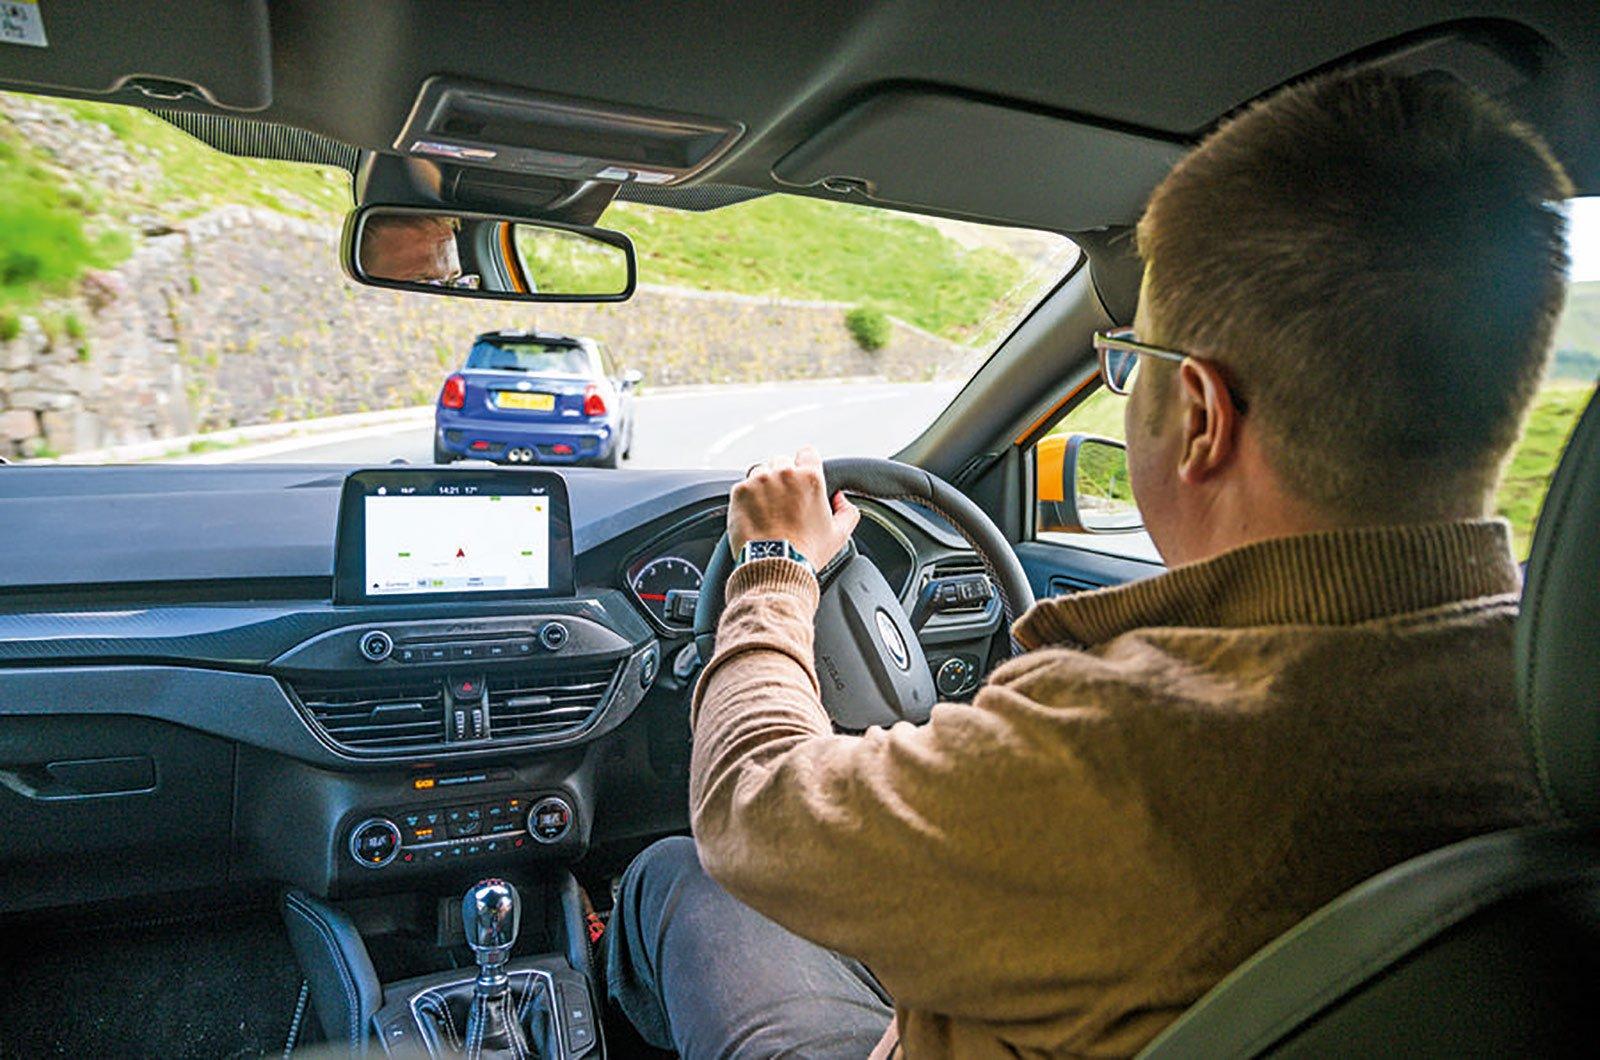 Over-the-shoulder shot of man driving car